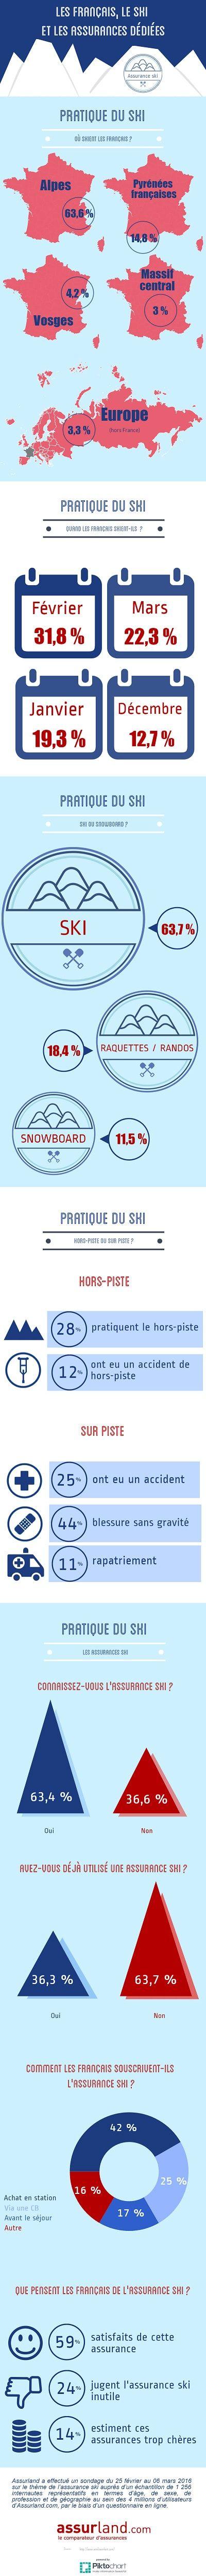 Infographie-les-francais-le-ski-et-les-assurances